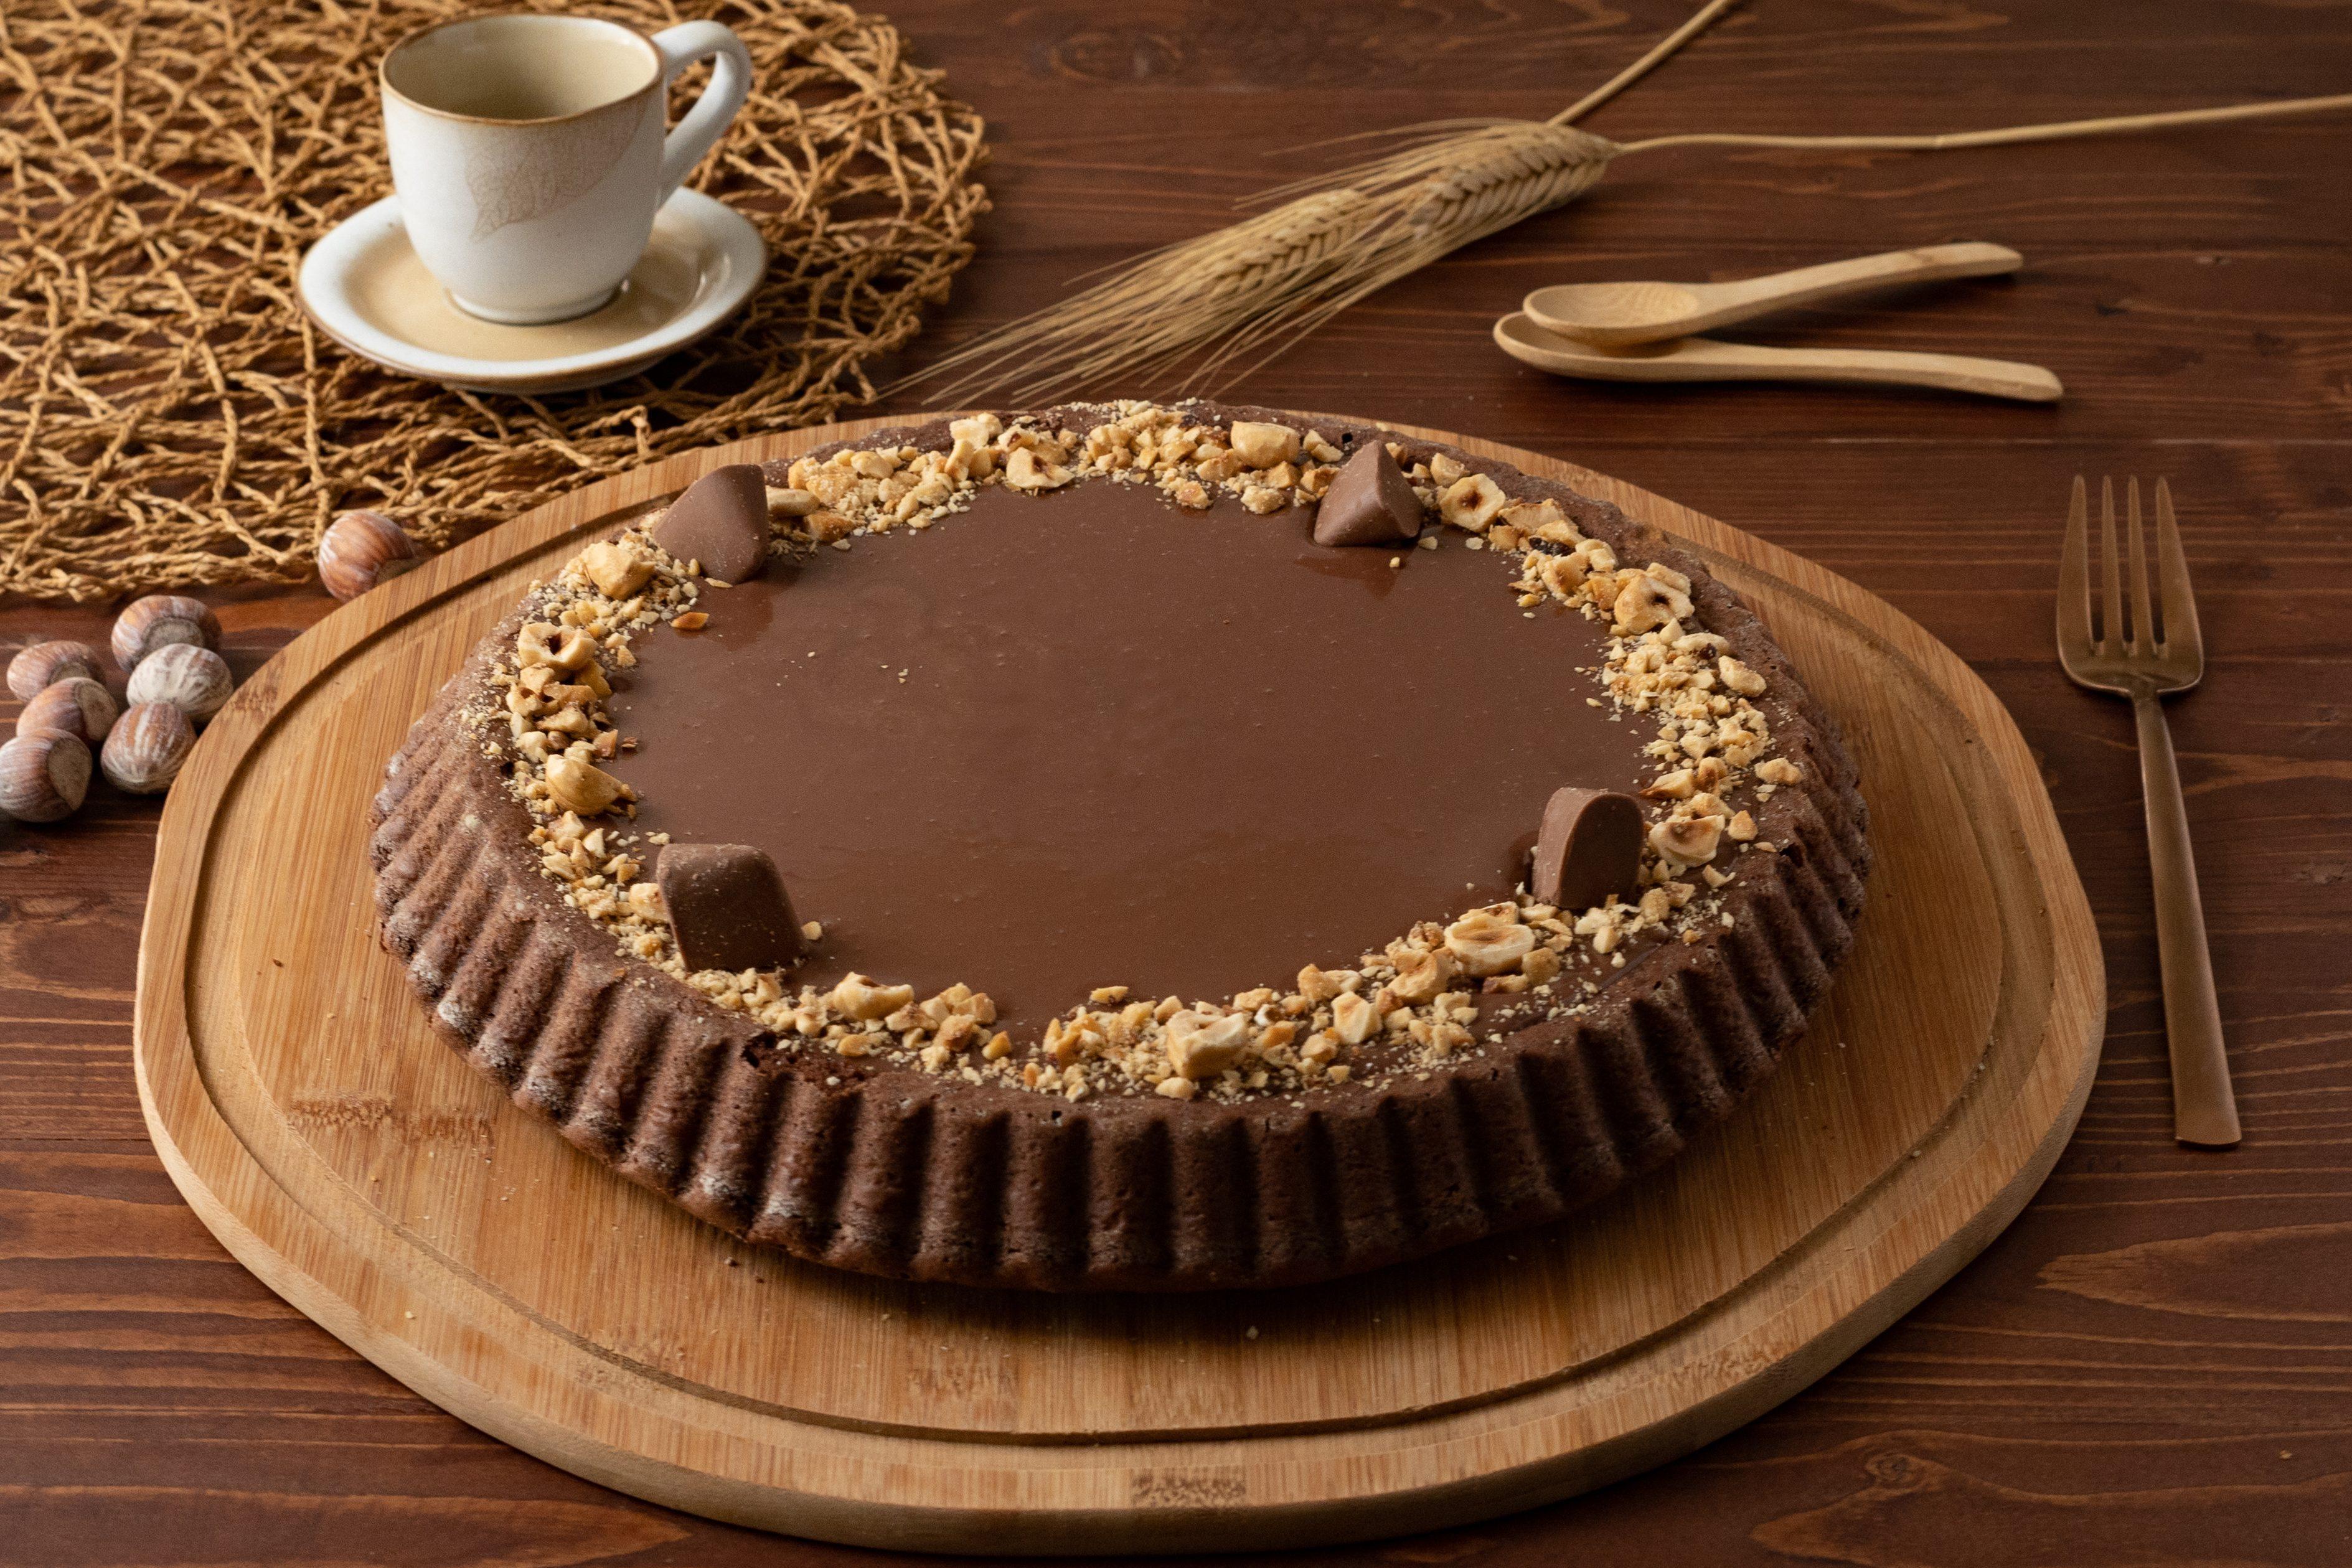 Torta gianduia: la ricetta del dolce tipico piemontese cremoso e senza glutine